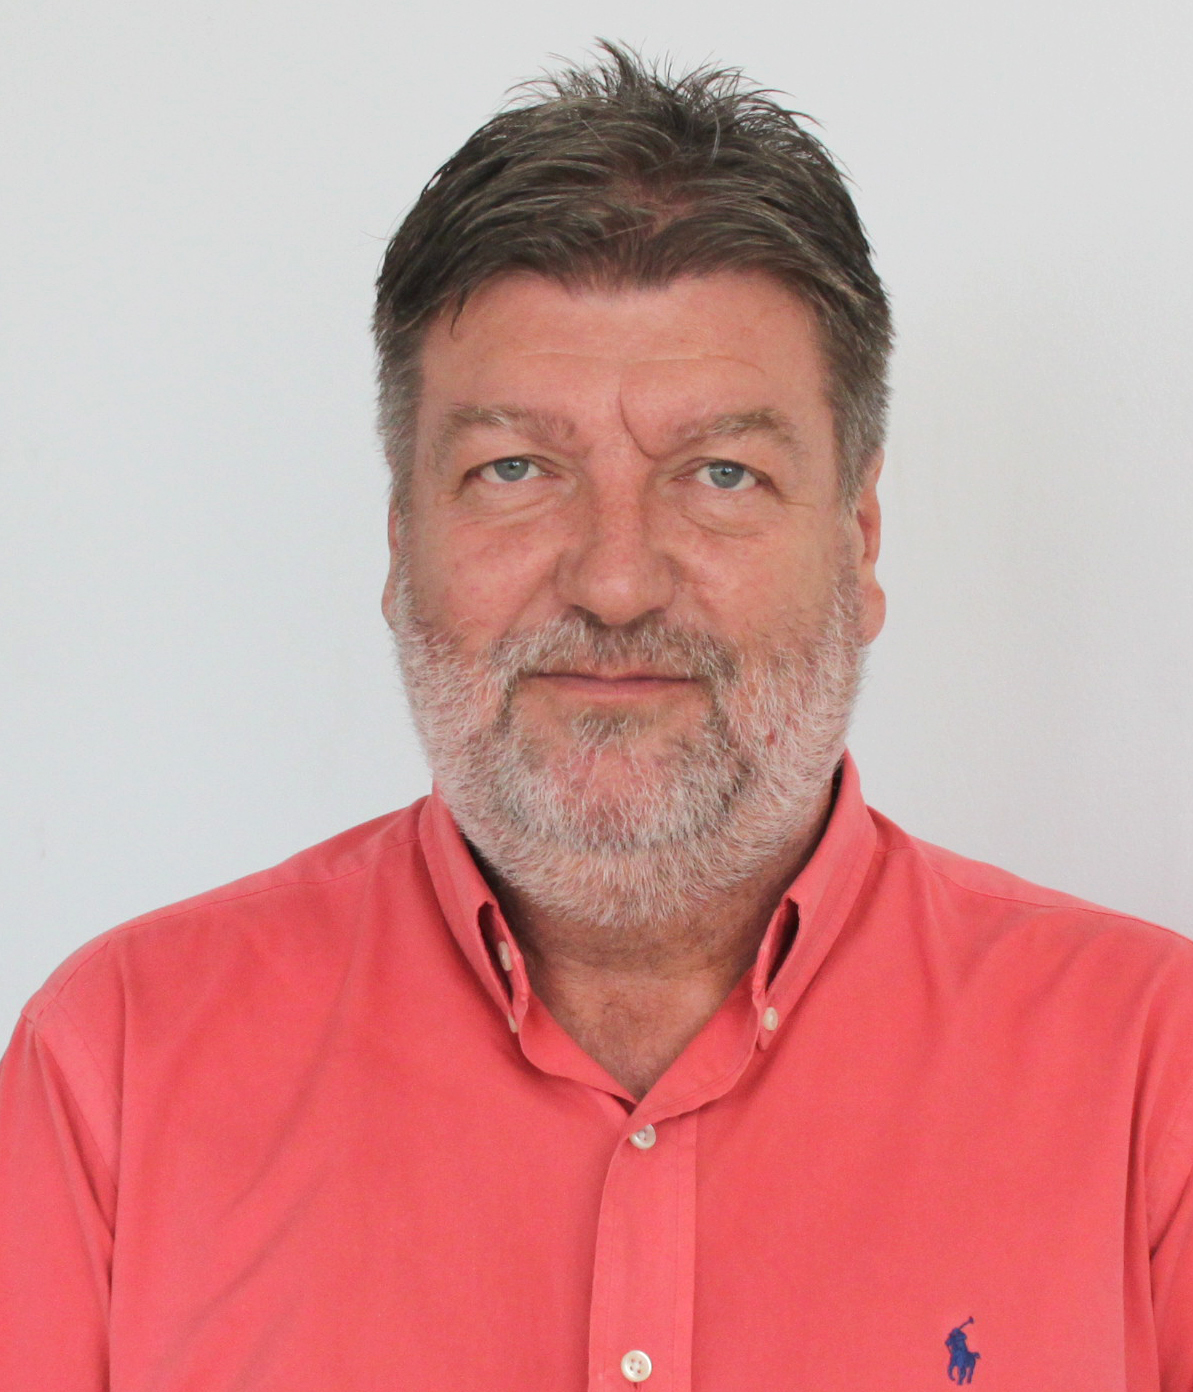 Vasile Cezar Cristian